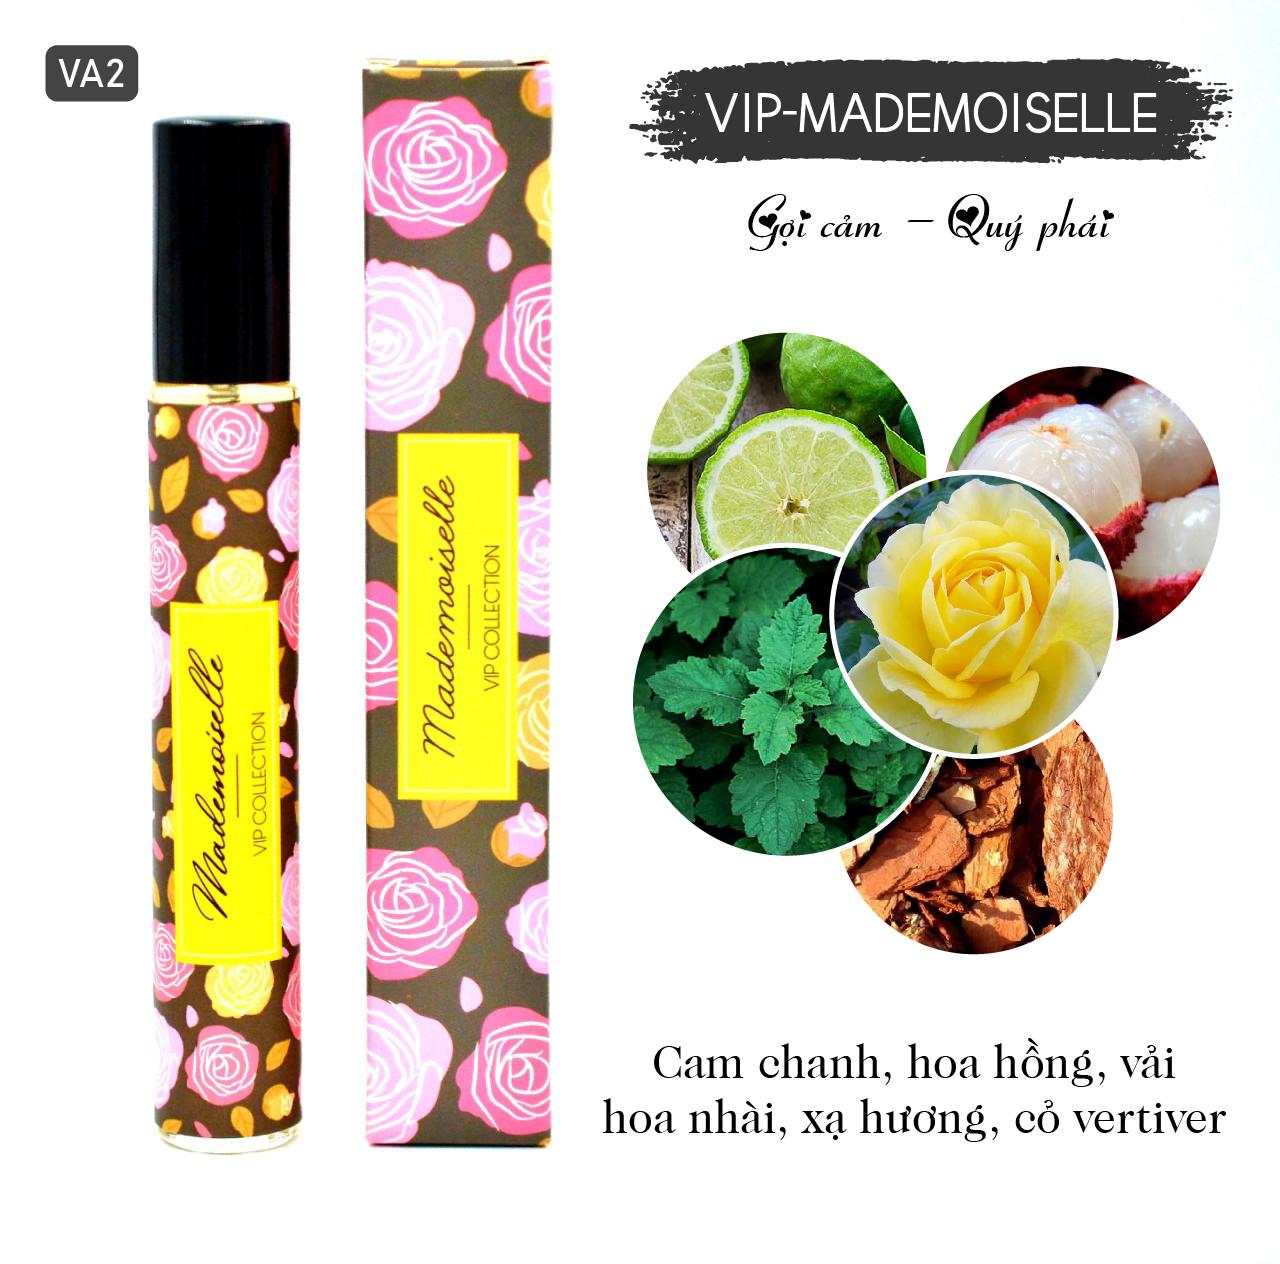 VA2-Mademoiselle